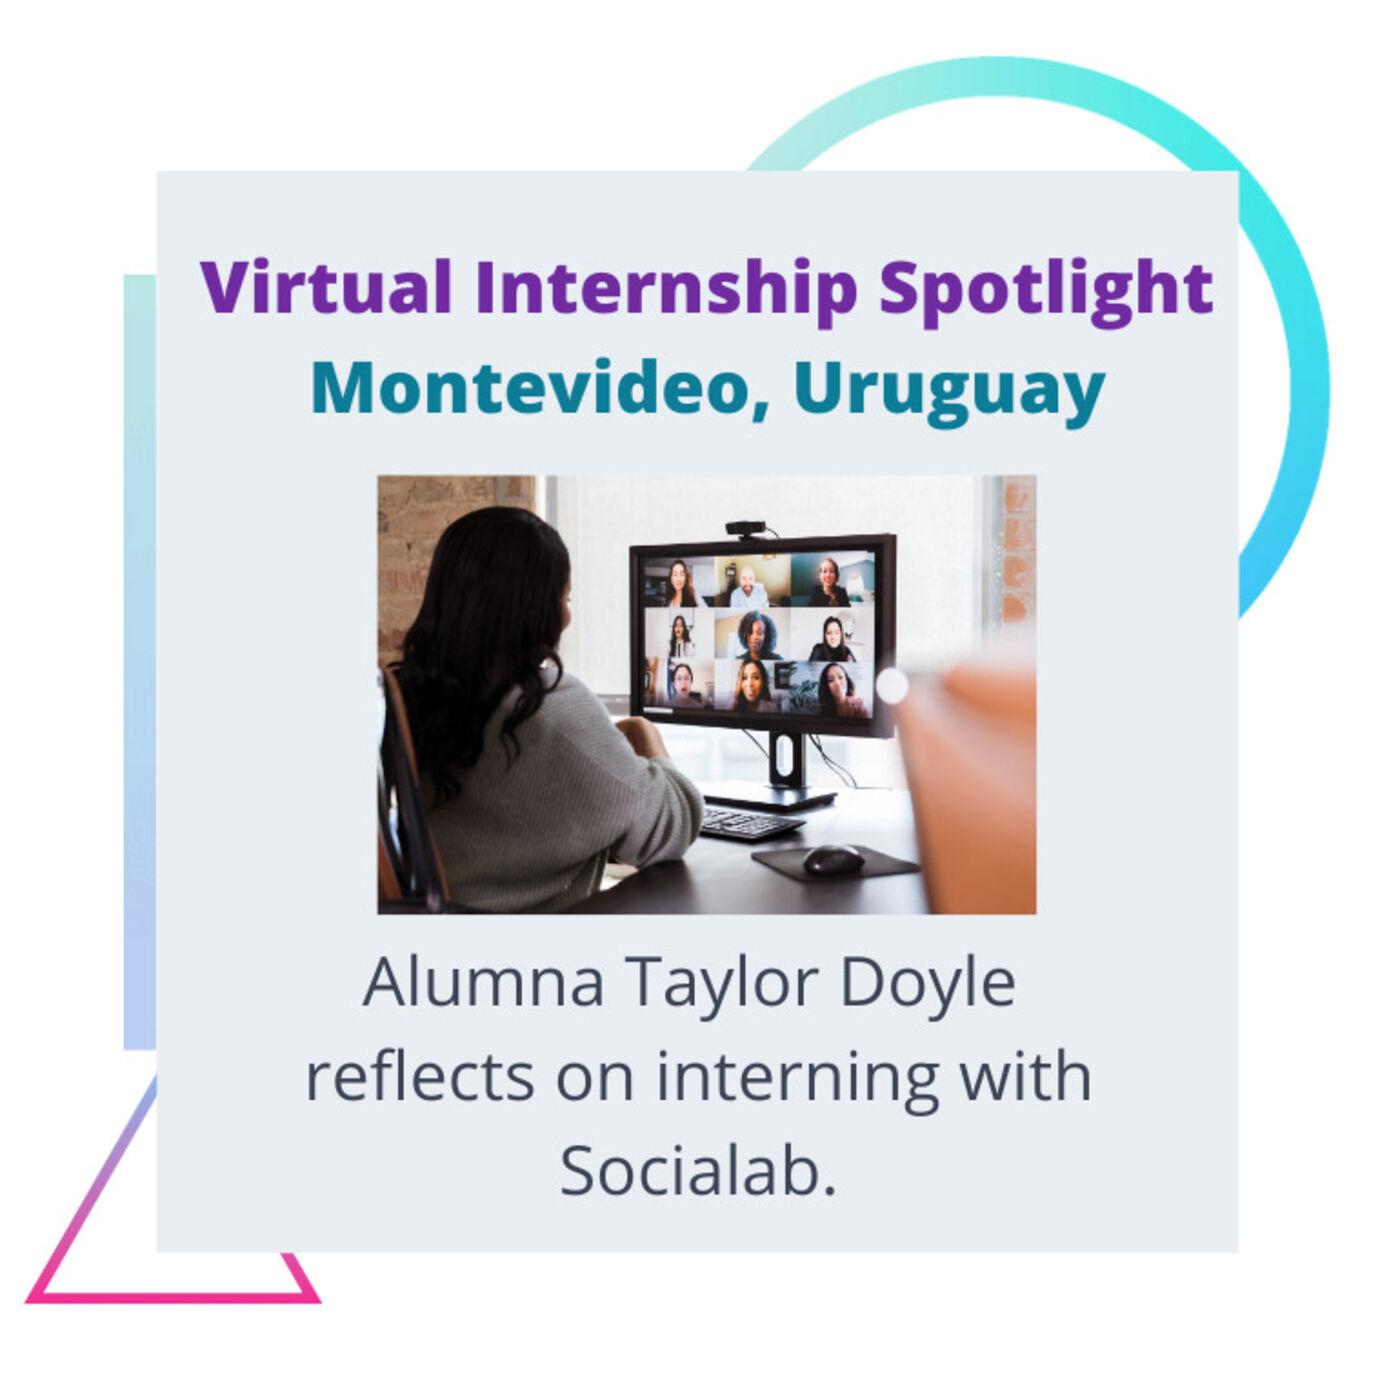 Season 2 - #7: Virtual Internship Spotlight - Montevideo, Uruguay